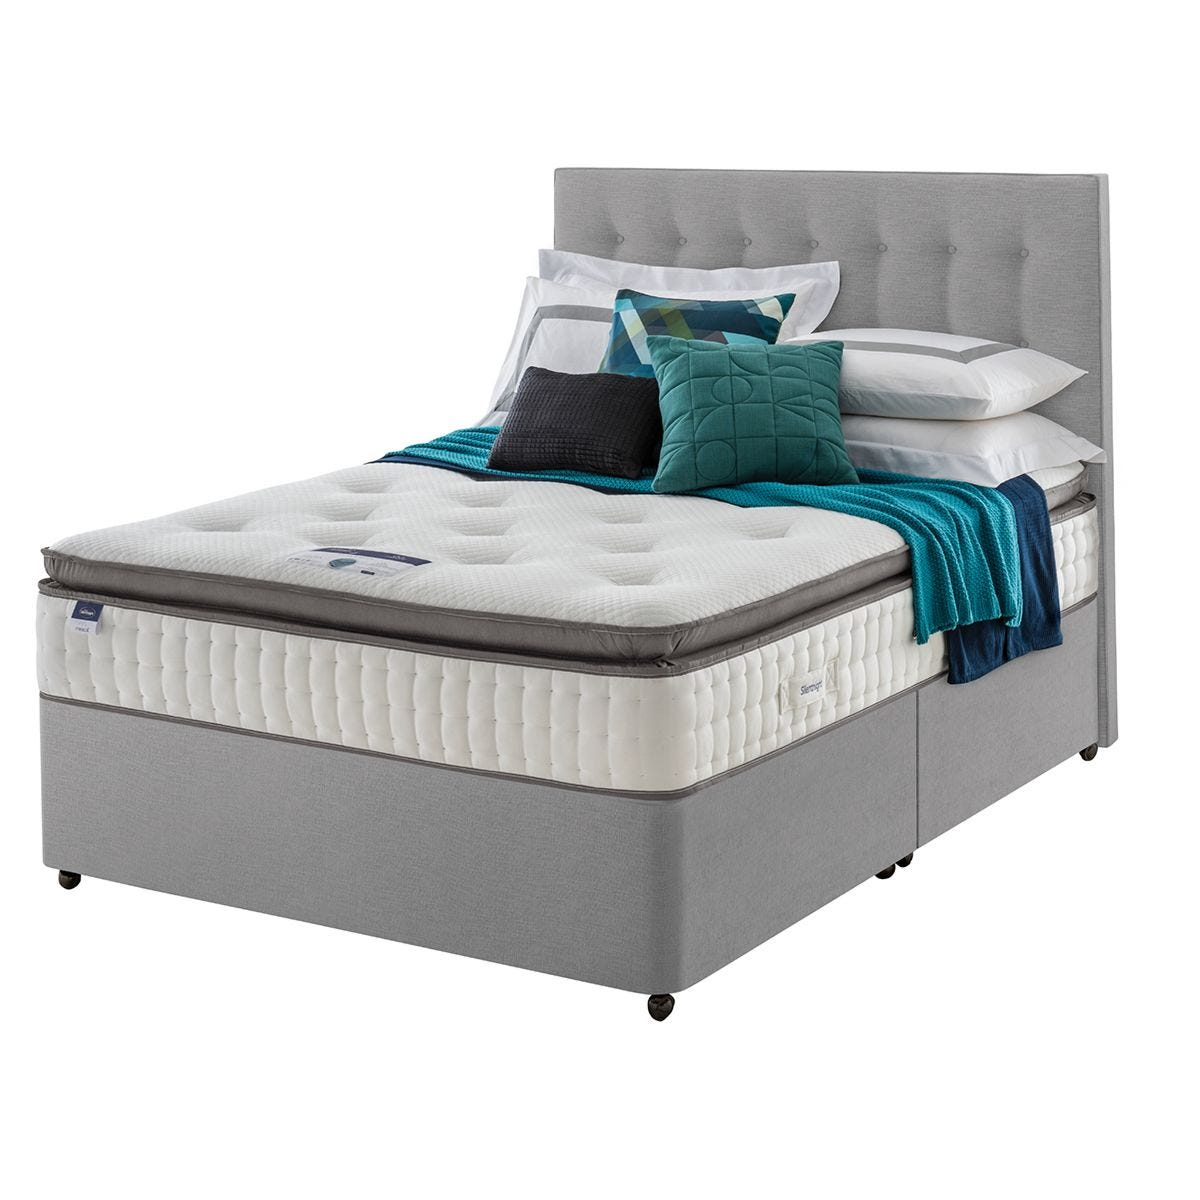 Silentnight Miracoil Geltex Divan Bed - Grey